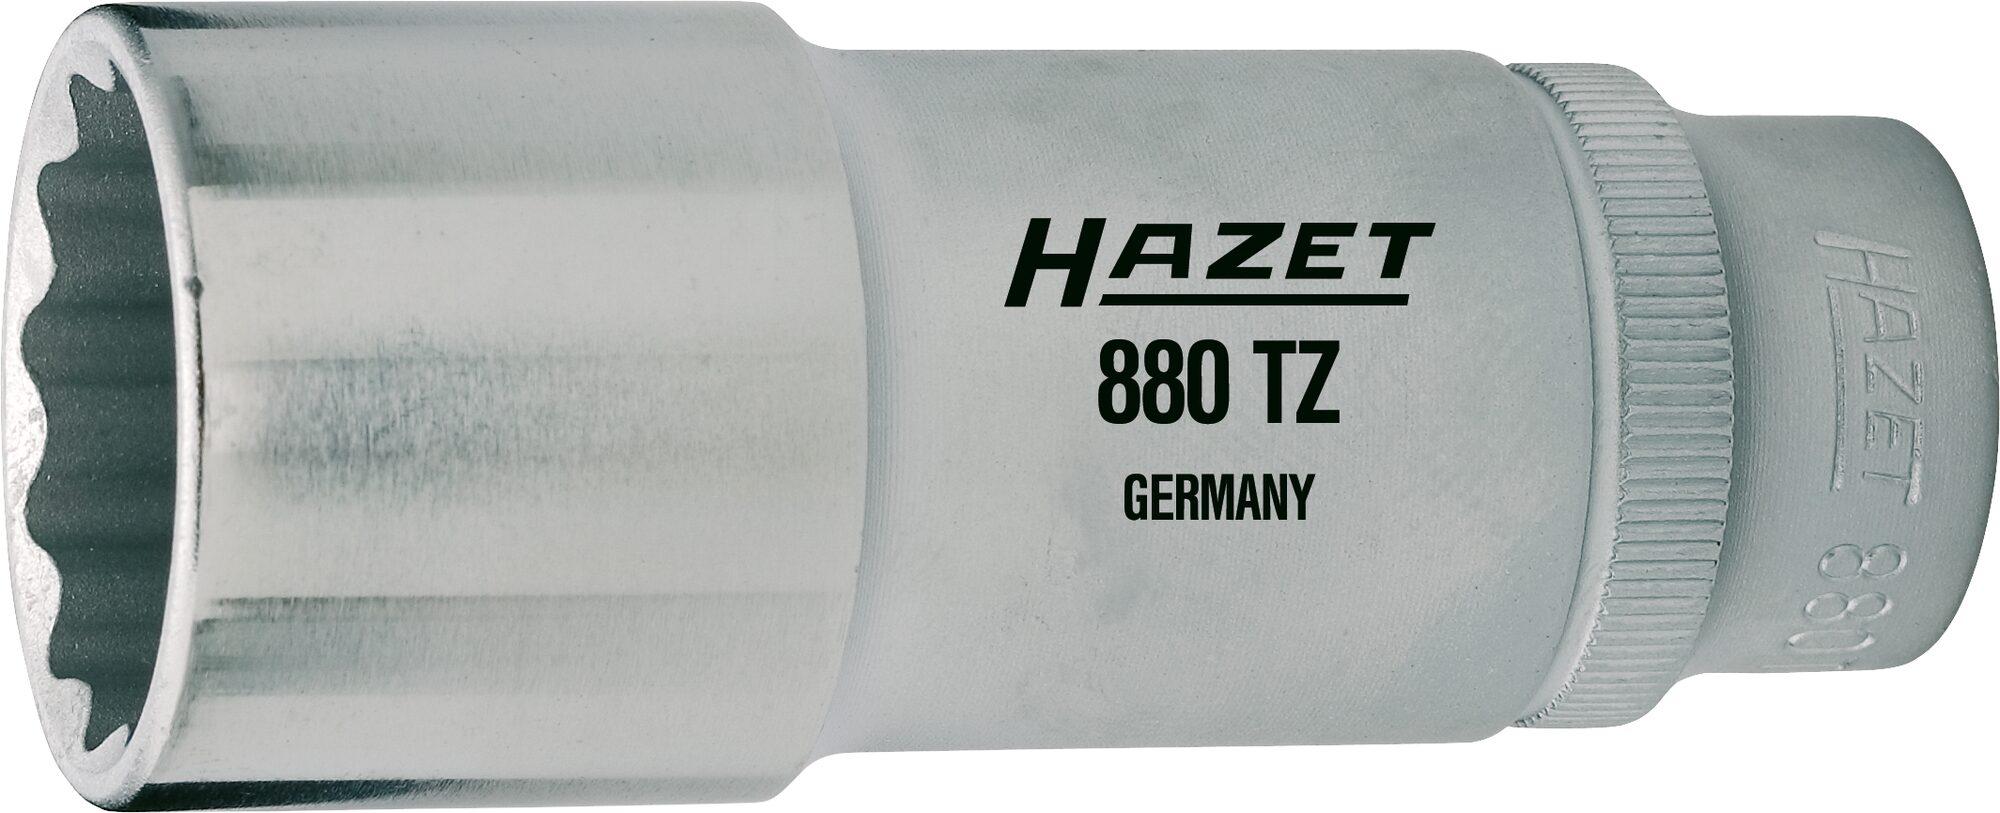 HAZET Steckschlüsseleinsatz ∙ Doppelsechskant 880TZ-12 ∙ Vierkant hohl 10 mm (3/8 Zoll) ∙ 12 mm